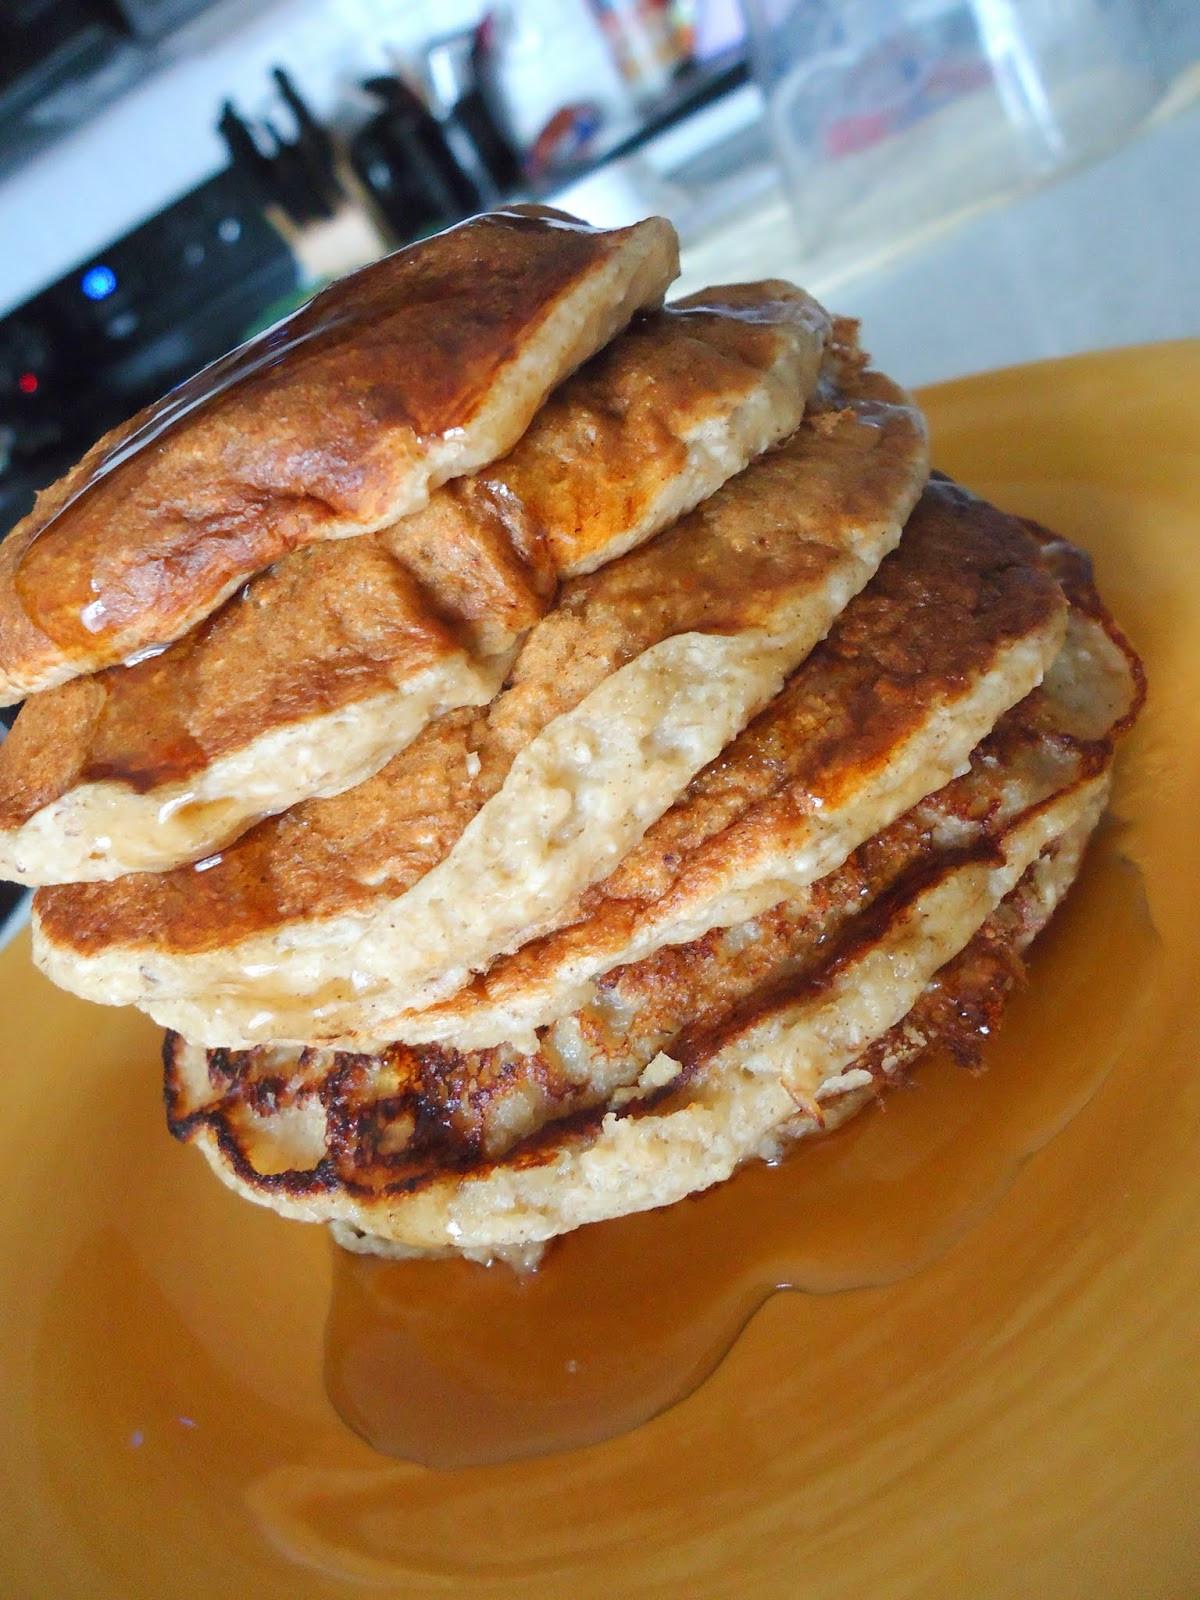 Oatmeal Banana Pancakes  Foo & Fabulous Cinnamon Oatmeal Banana Pancakes